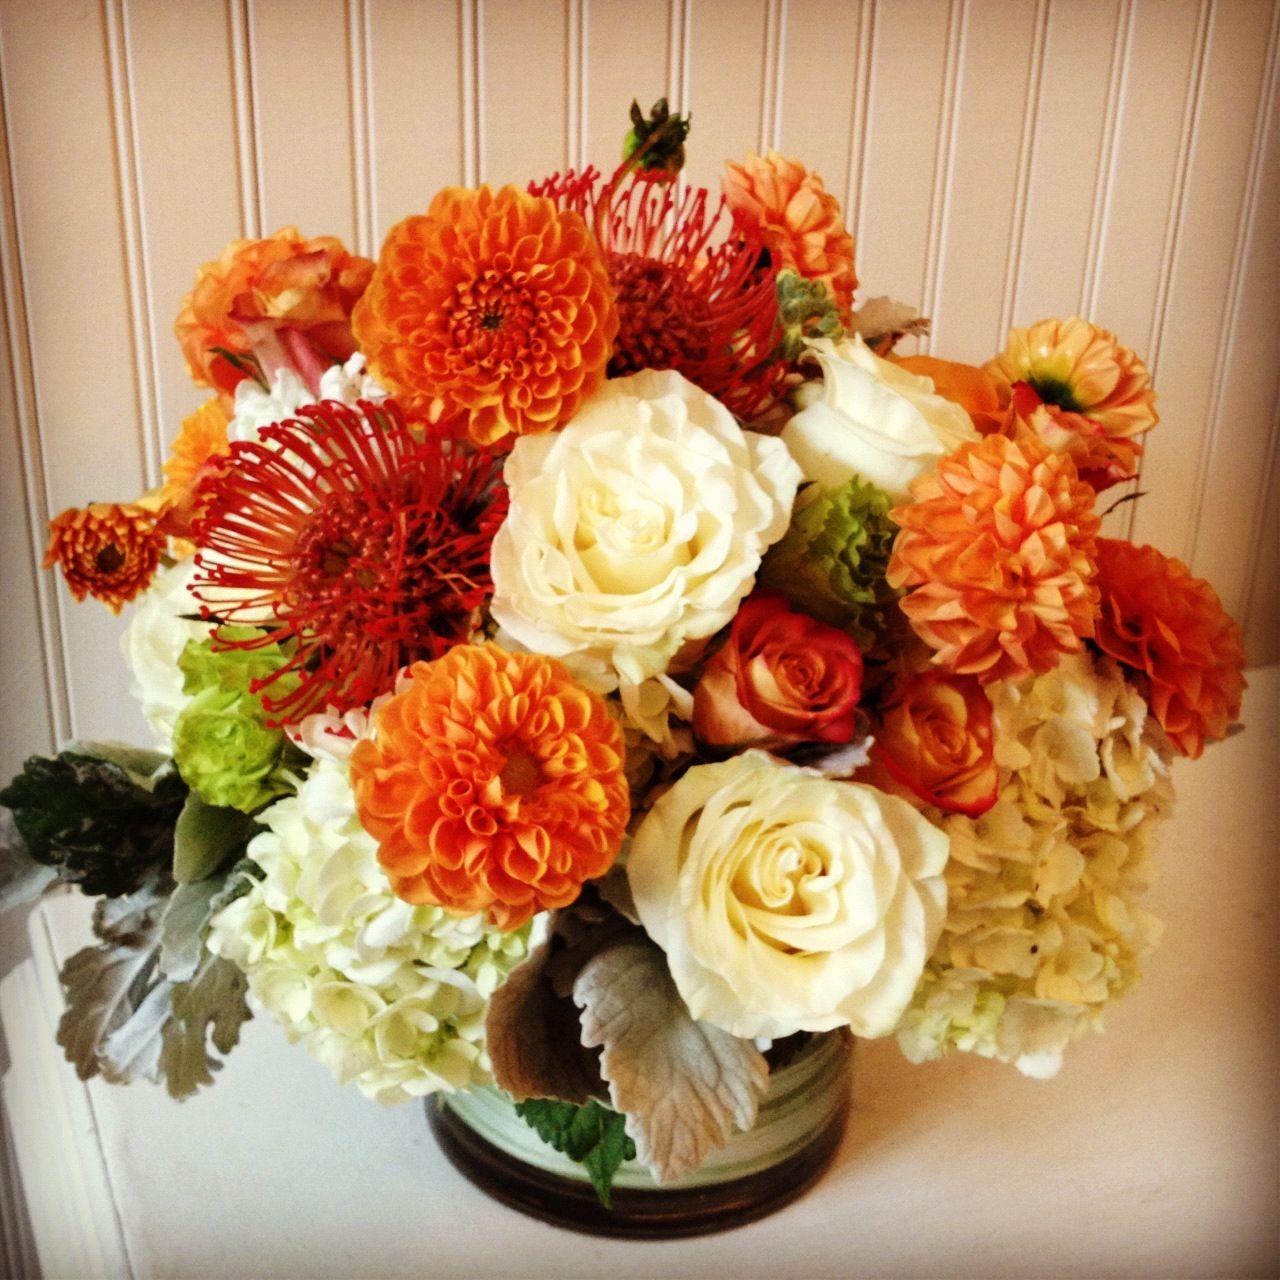 Fall flower arrangement tablescapes centerpieces Fall floral arrangements